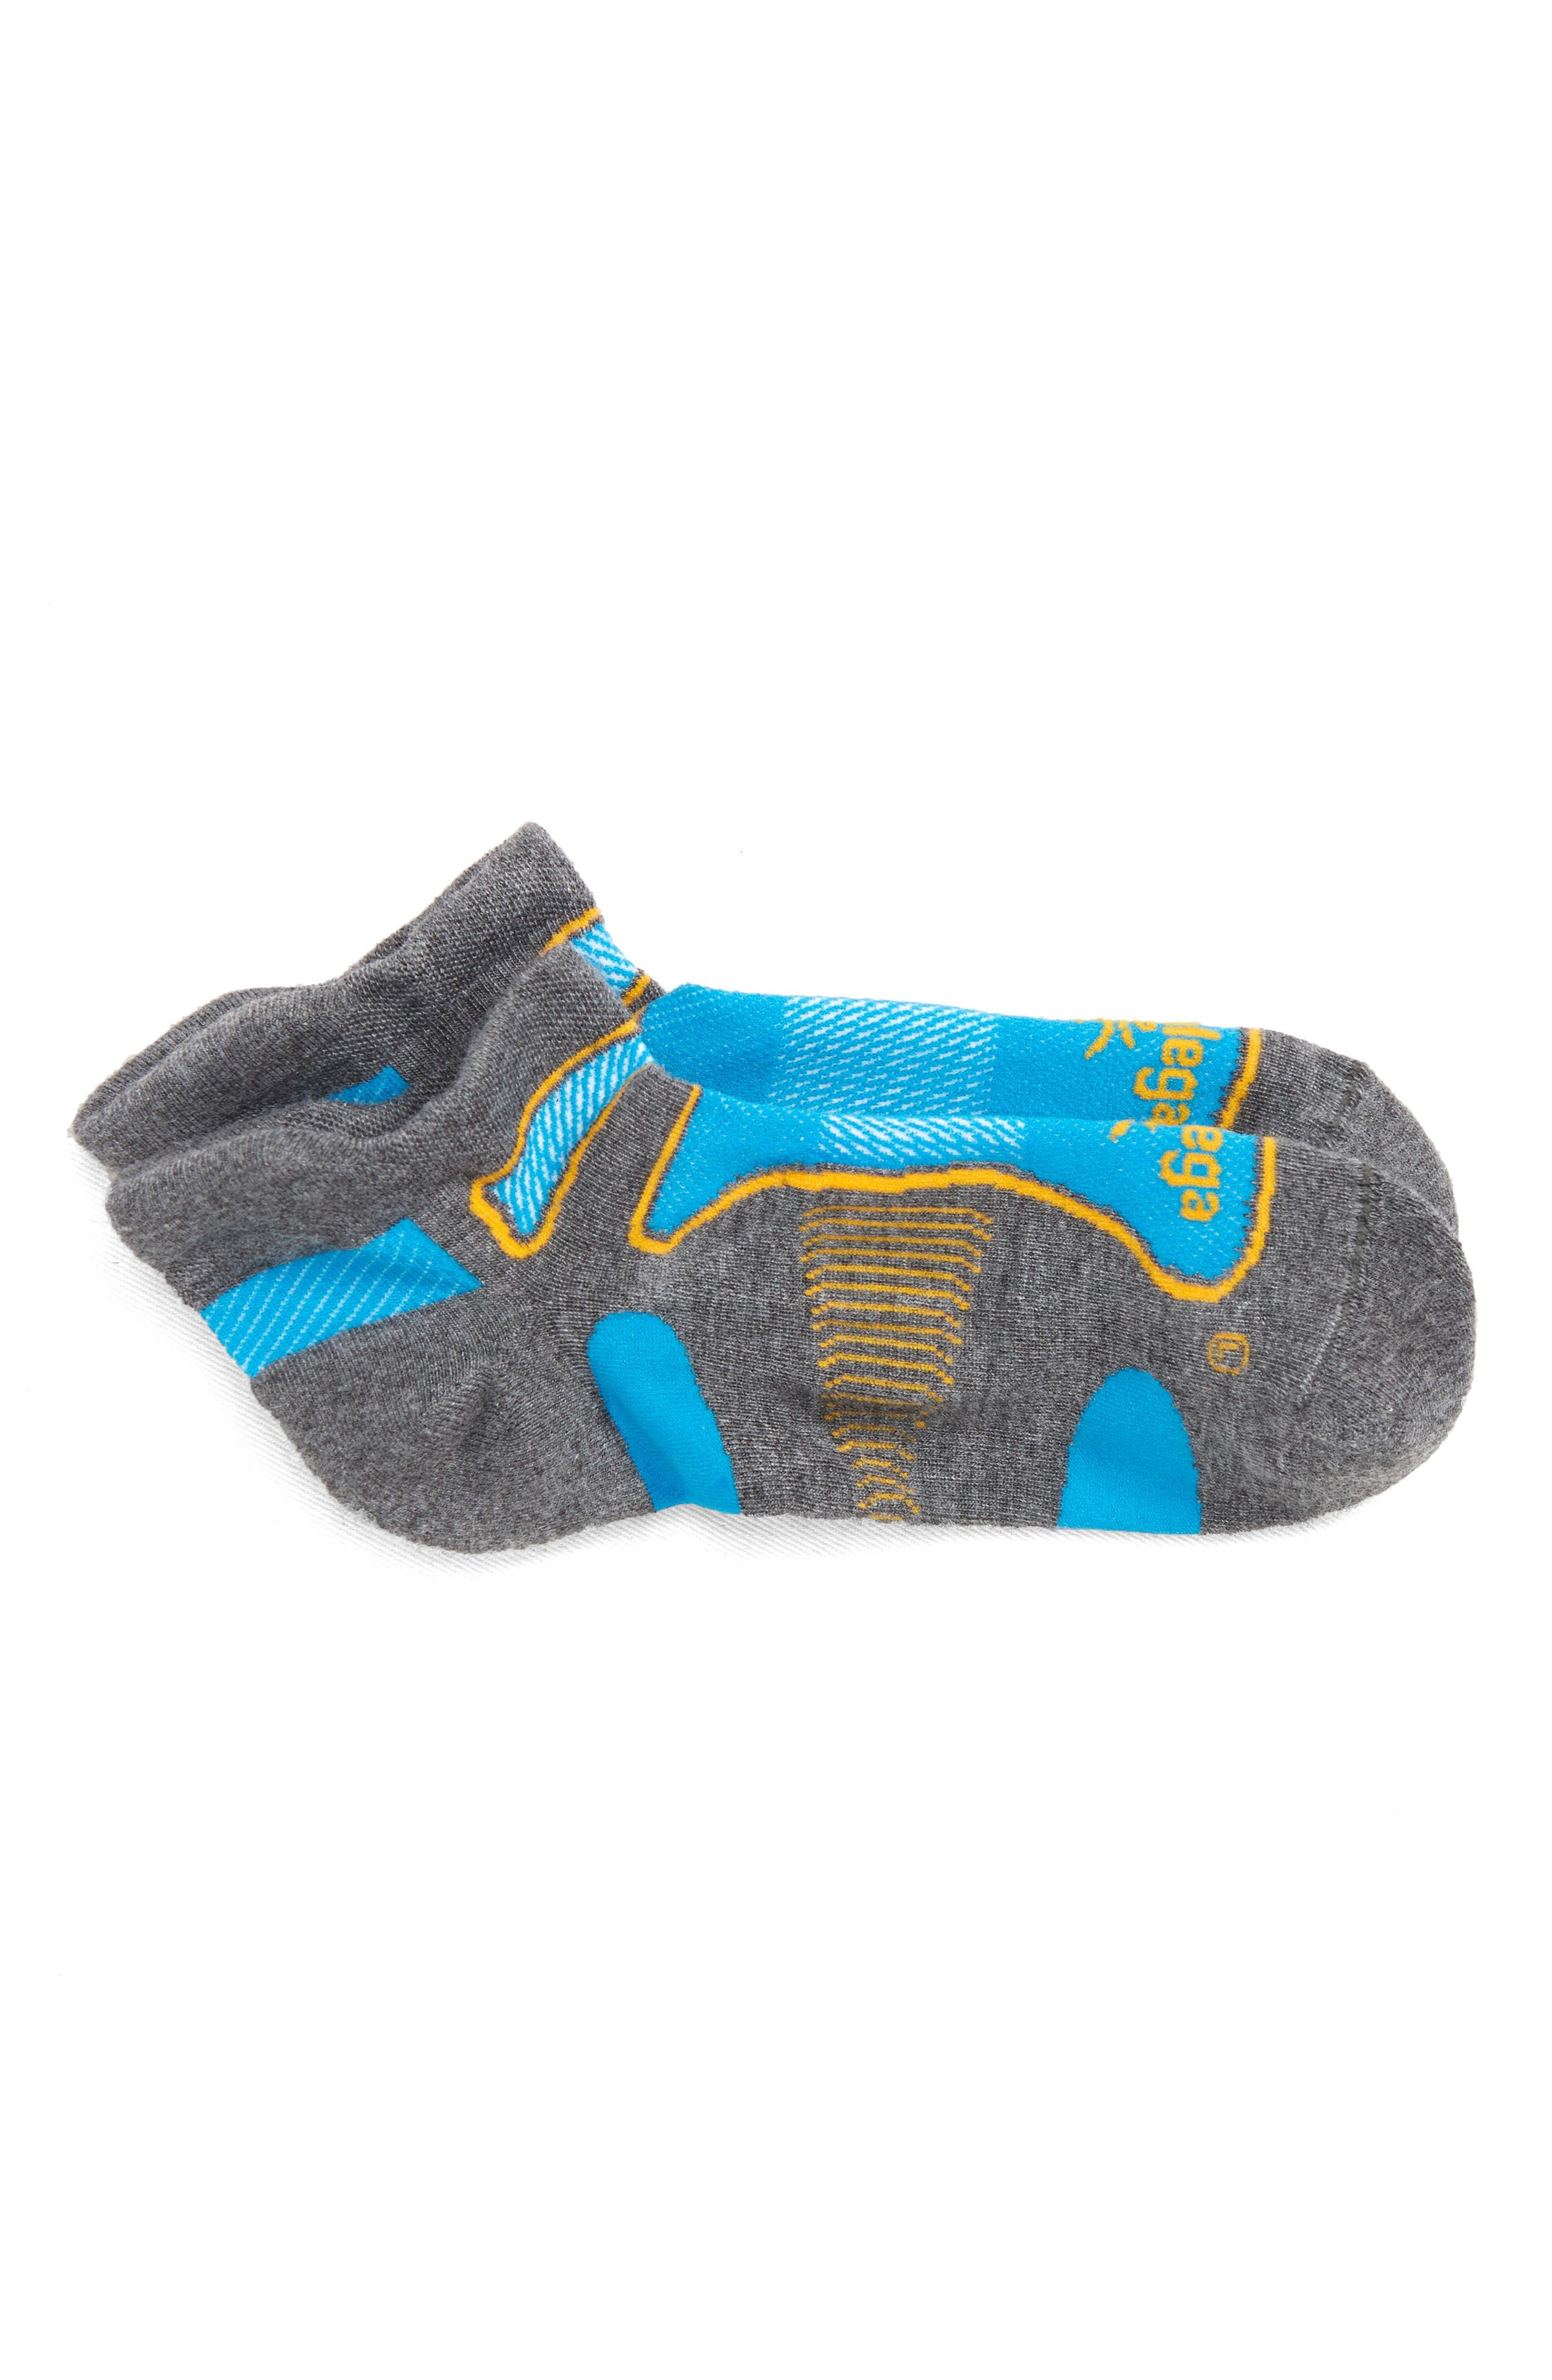 Silver Socks,                             Main thumbnail 1, color,                             499